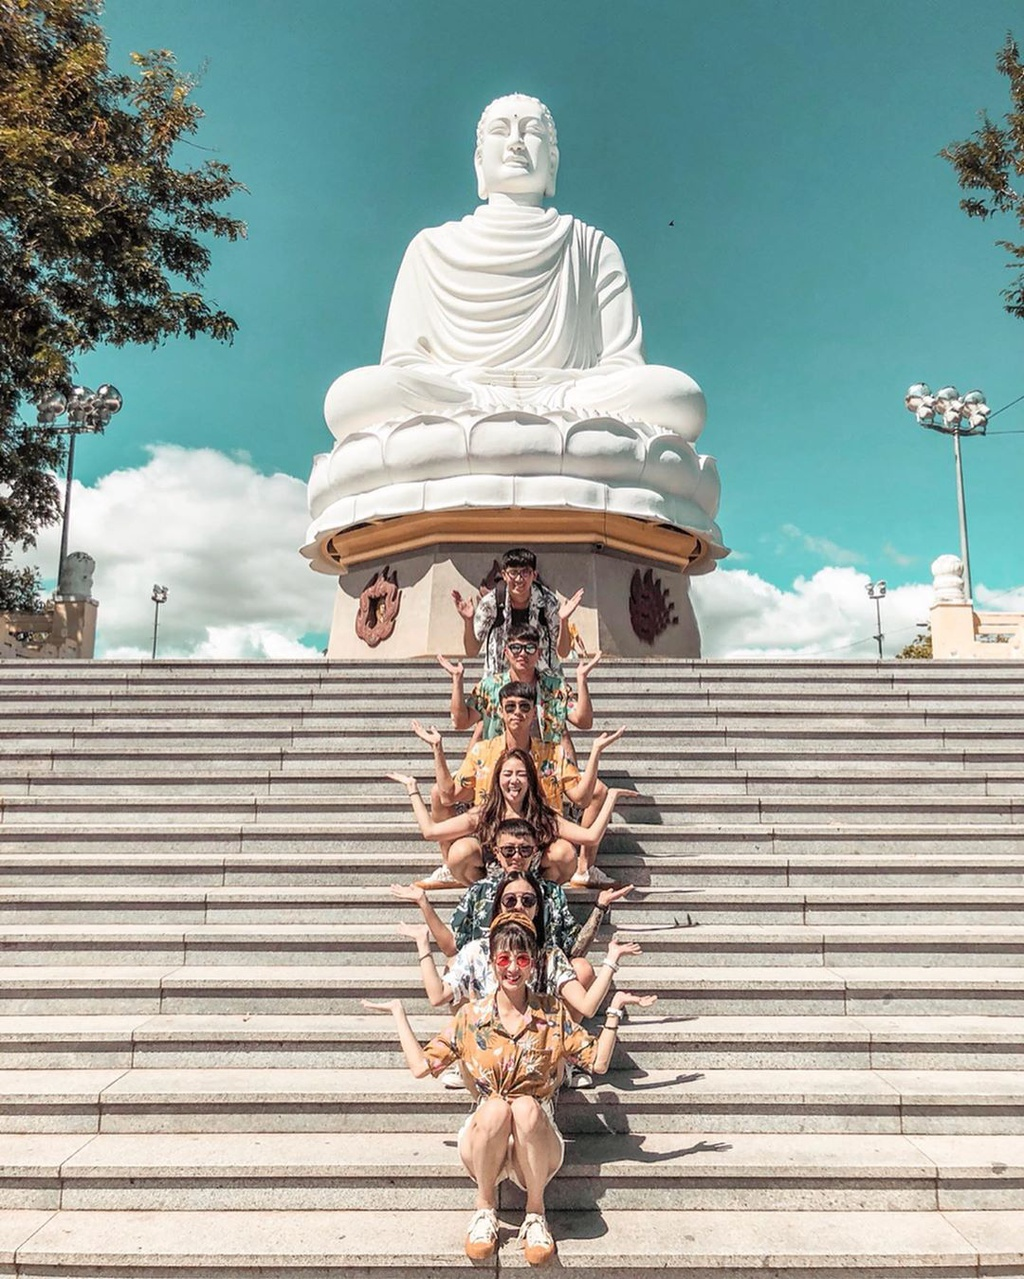 Khám phá vẻ đẹp 4 ngôi chùa Nha Trang nổi tiếng - iVIVU.com